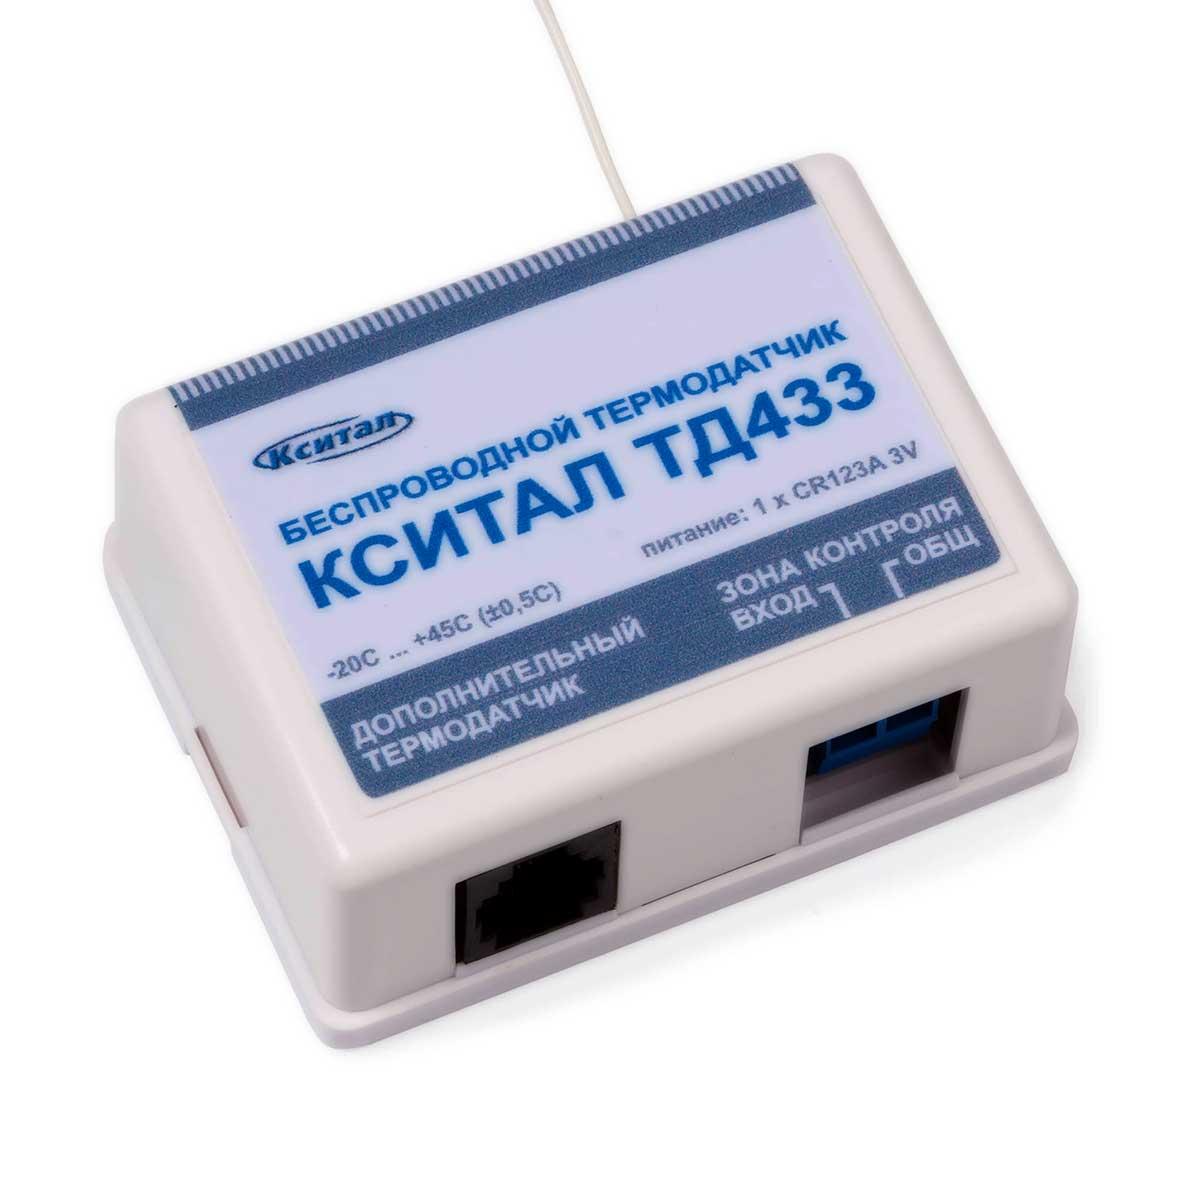 Кситал ТД433 беспроводной термодатчик